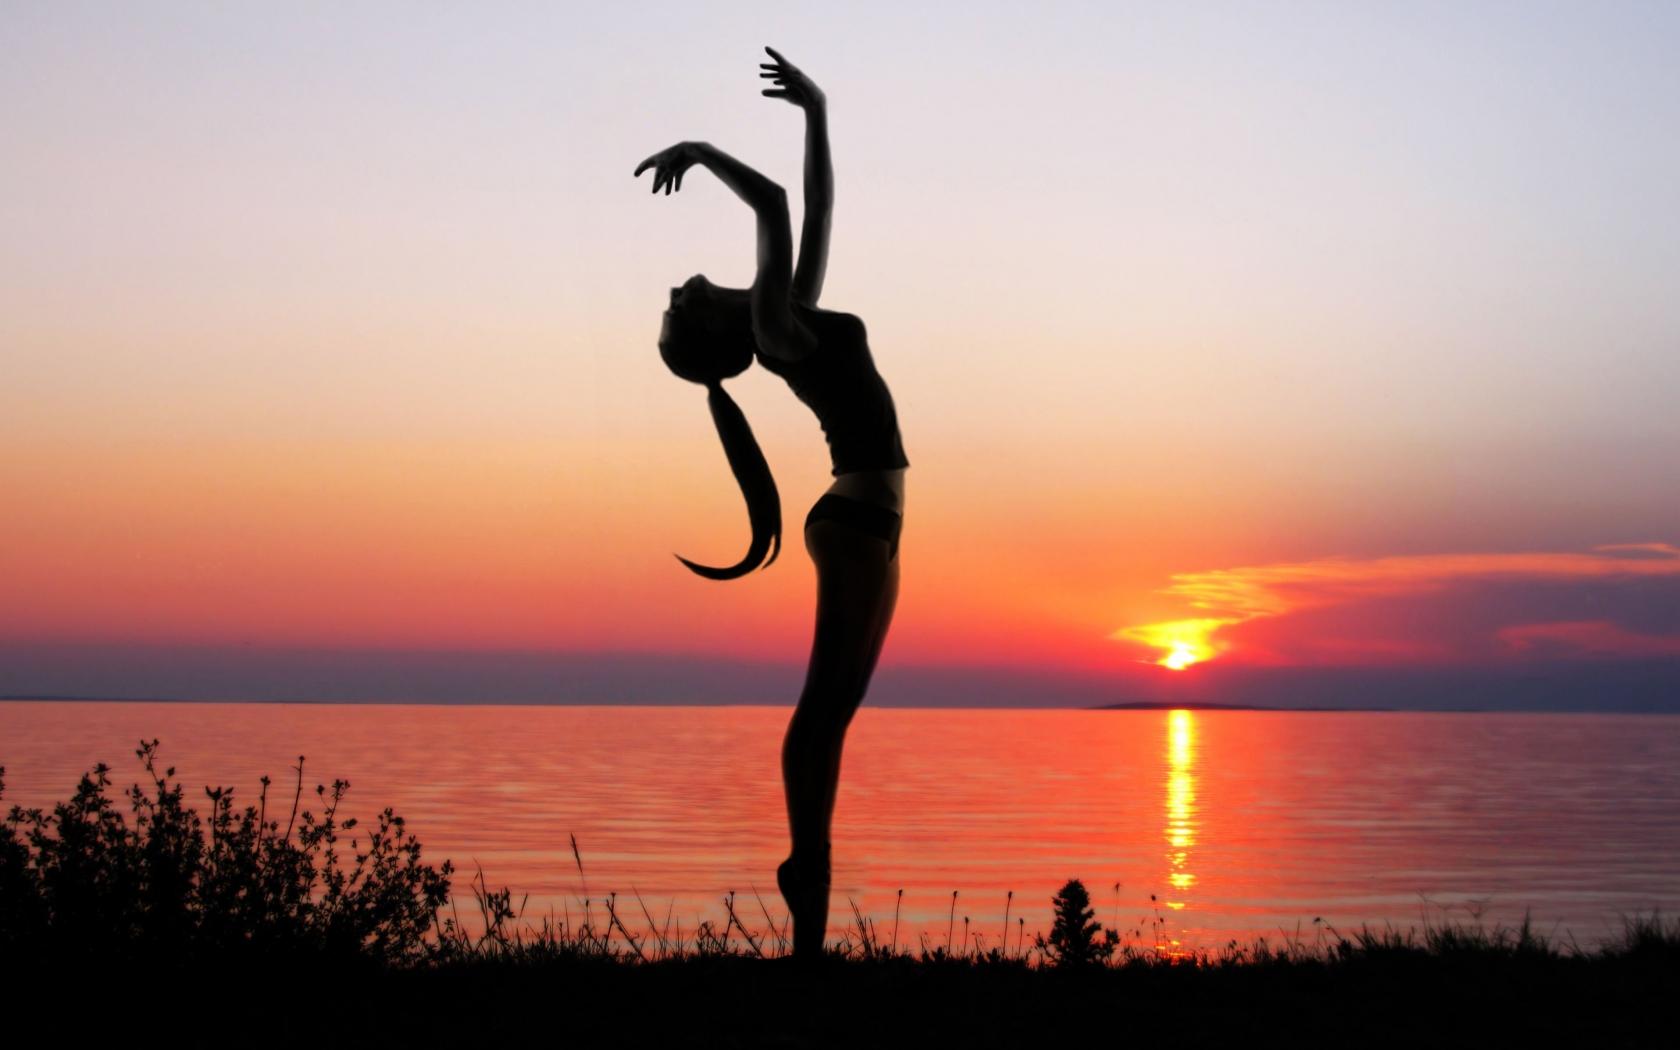 Ejercicios de Yoga - 1680x1050